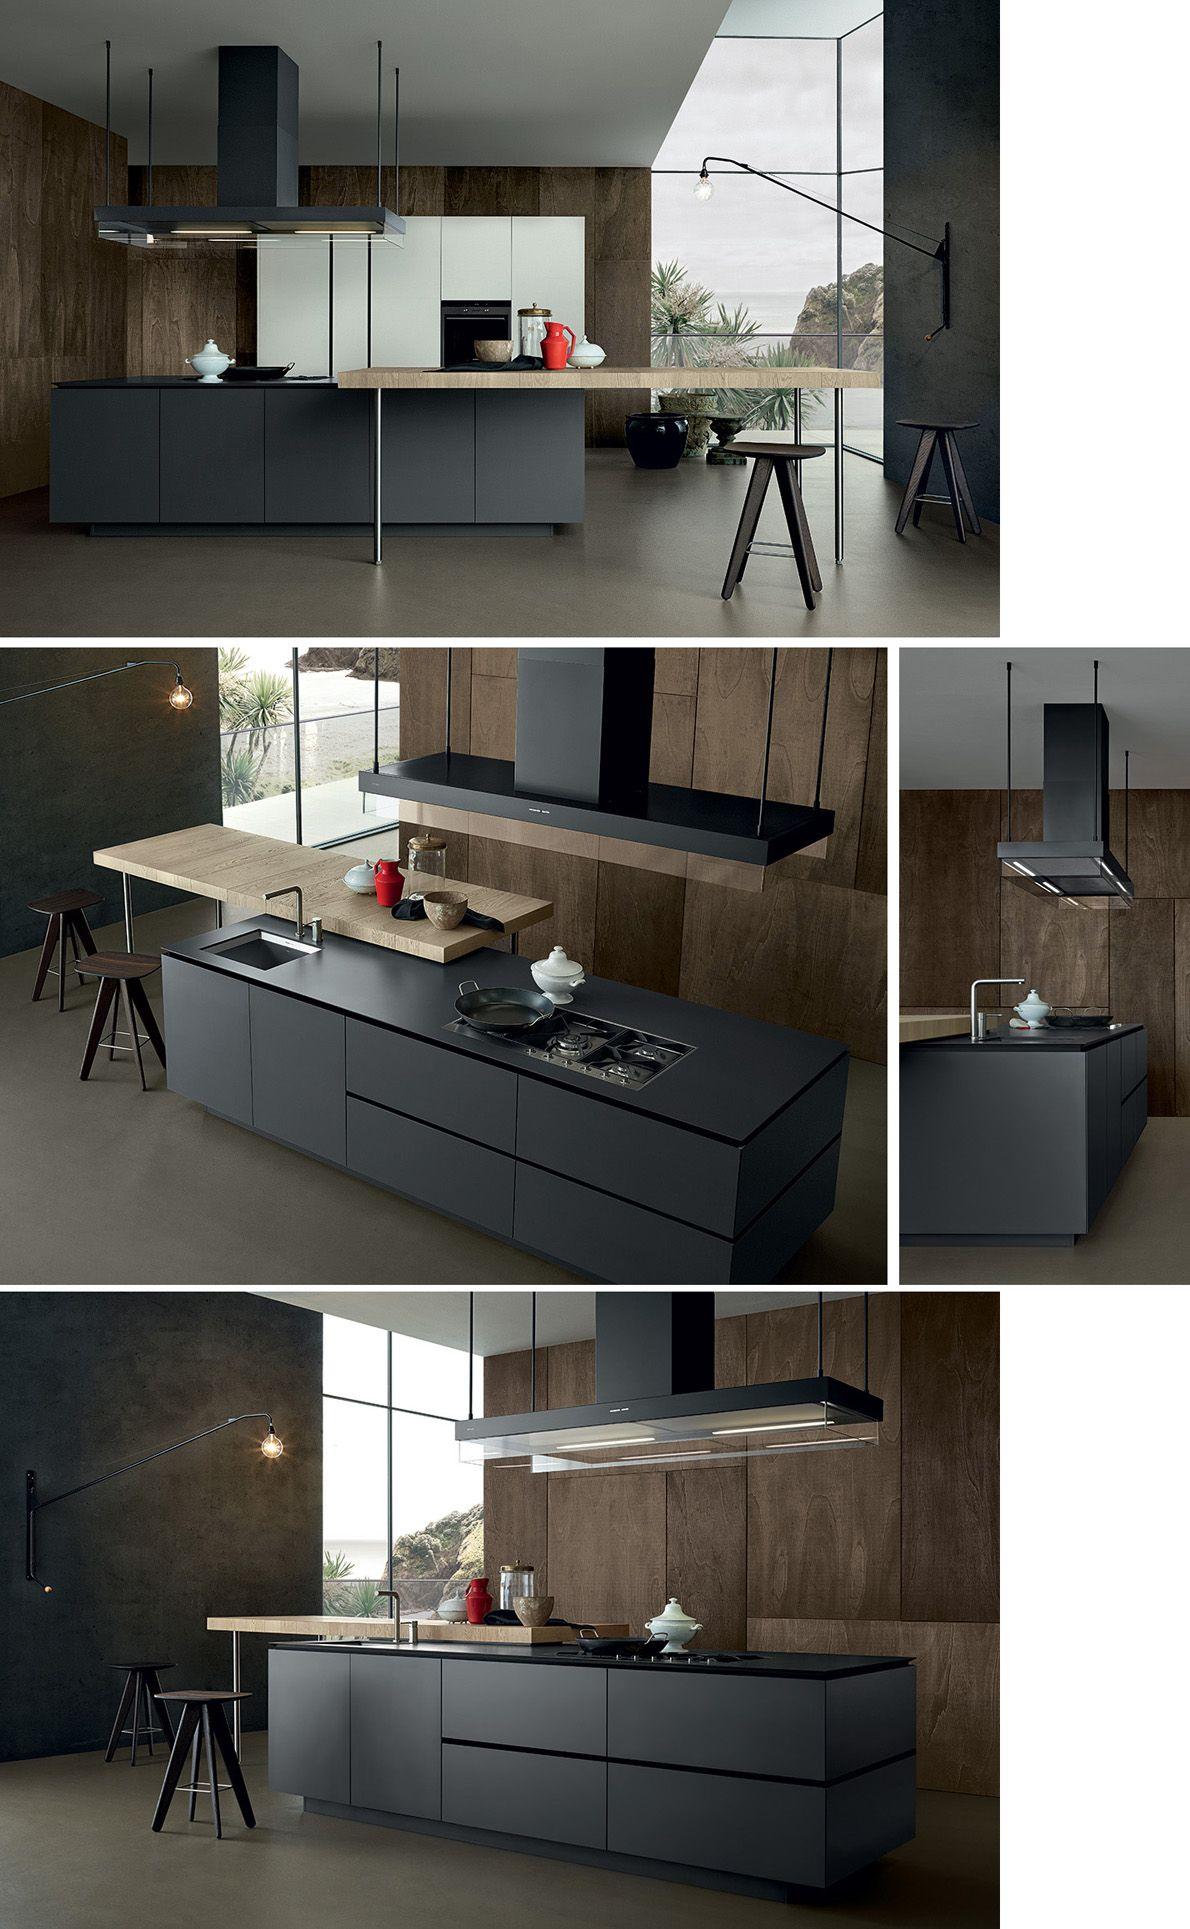 Varenna poliform on pinterest minimal kitchen kitchens for Poliform kitchen designs